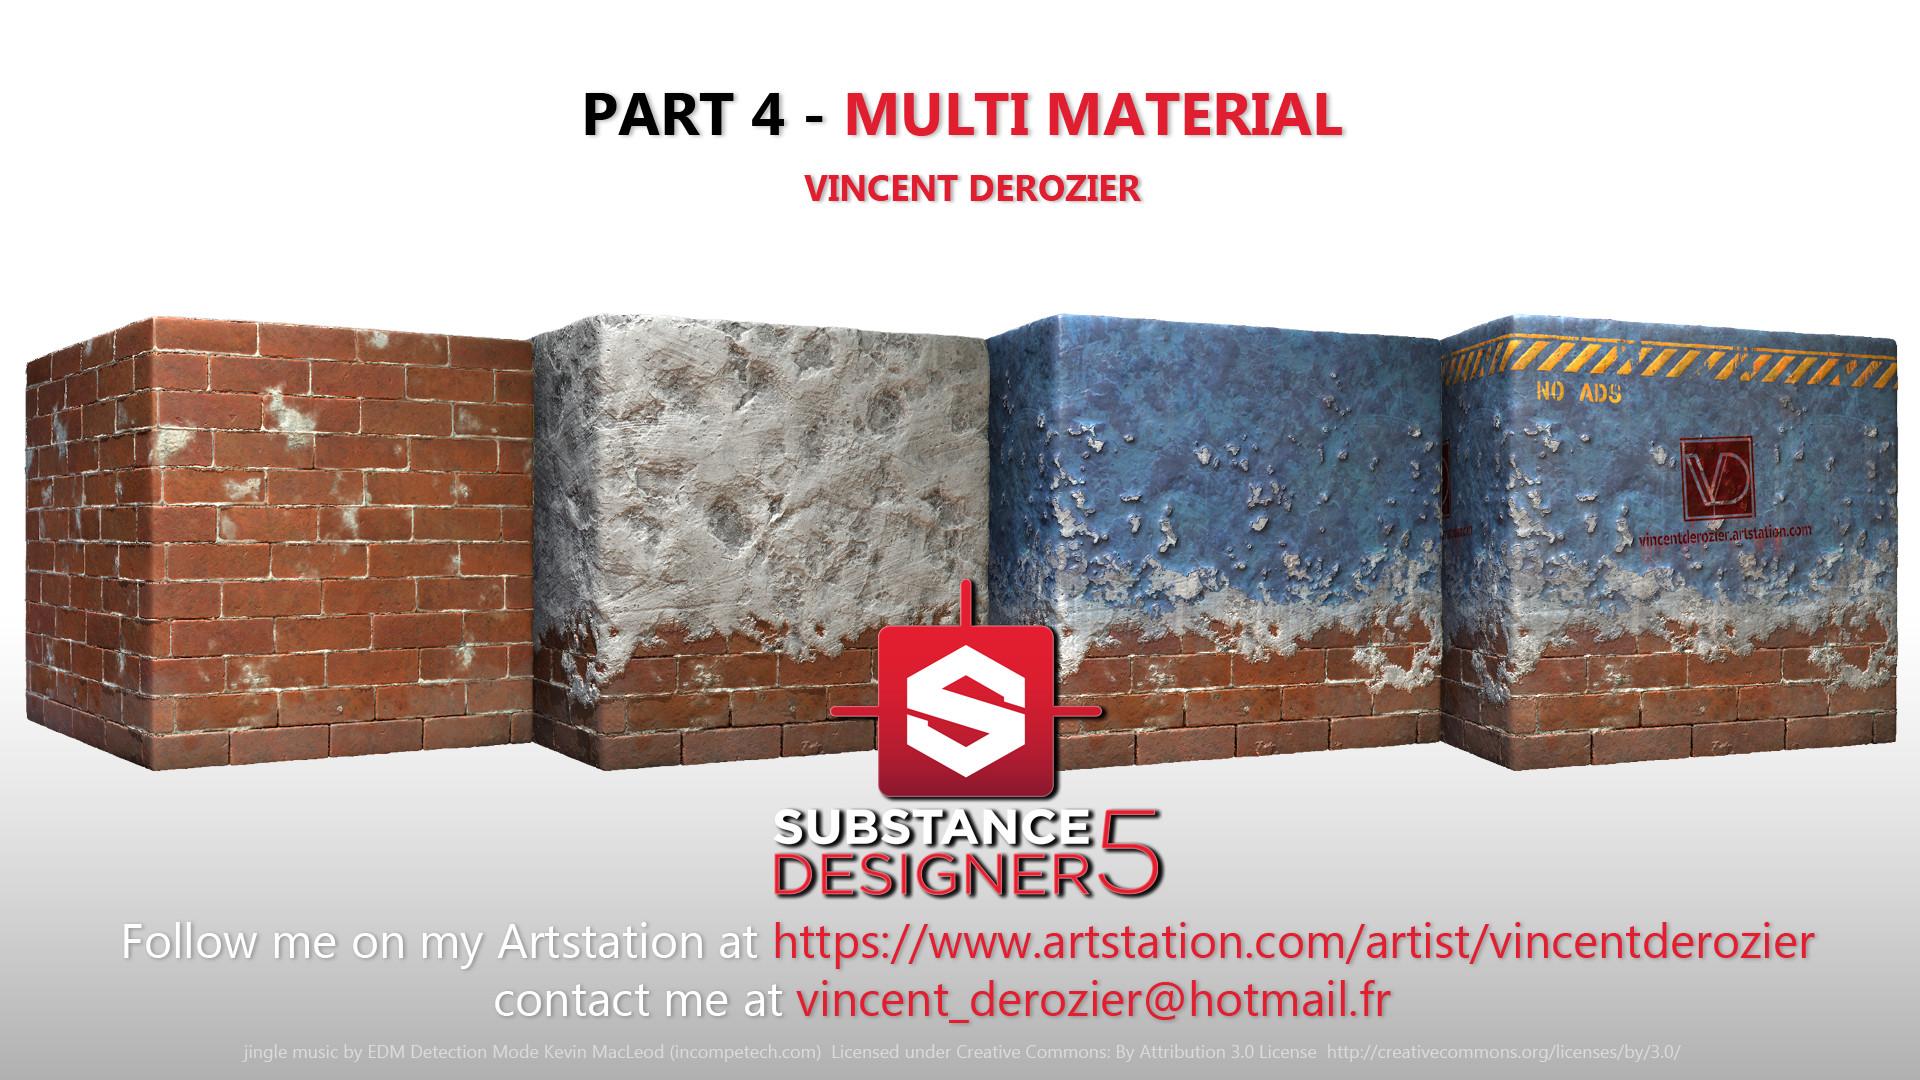 Vincent derozier part 4 multimaterial